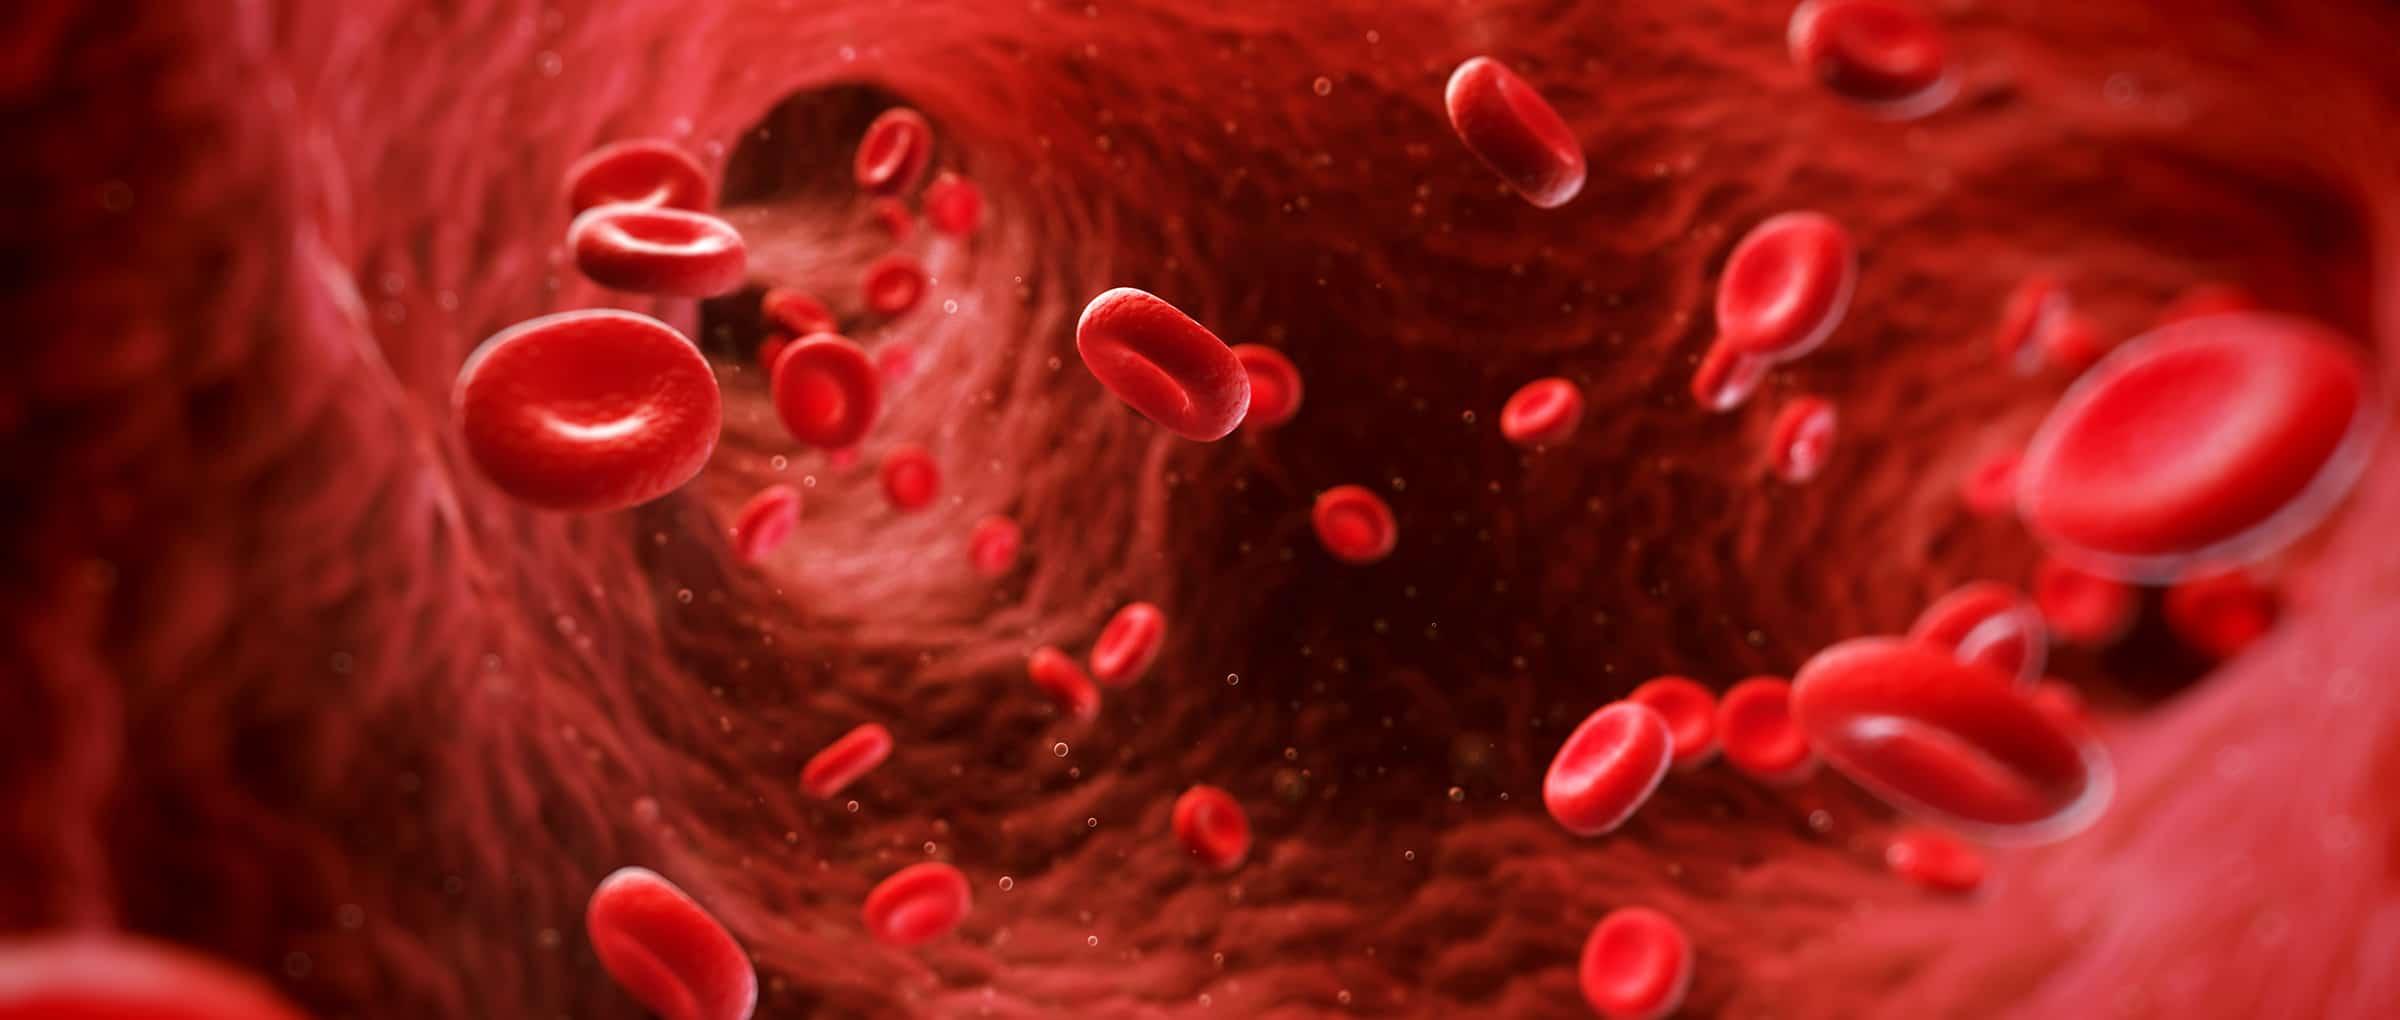 la hemostasia